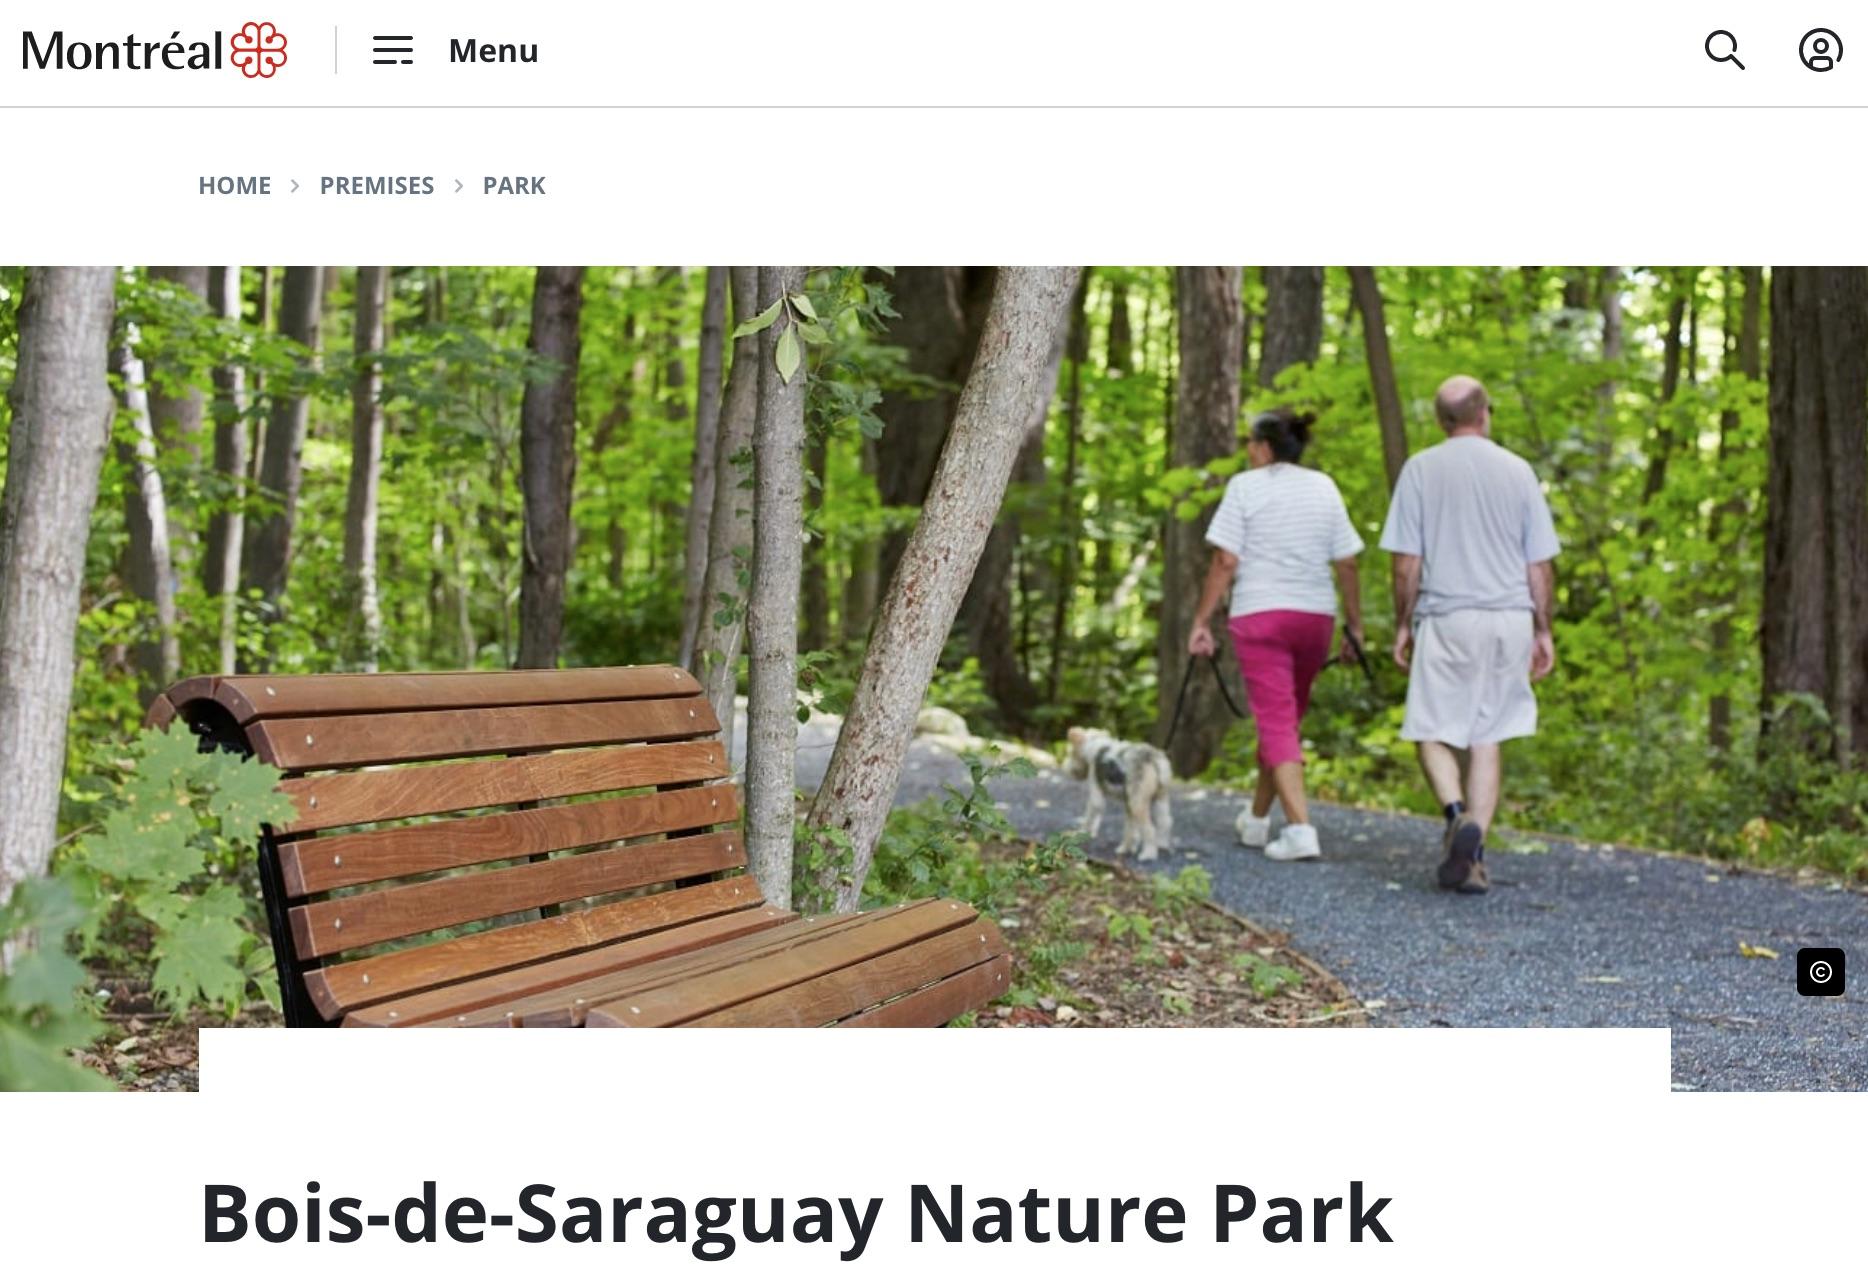 Bois-de-Saraguay Nature Park